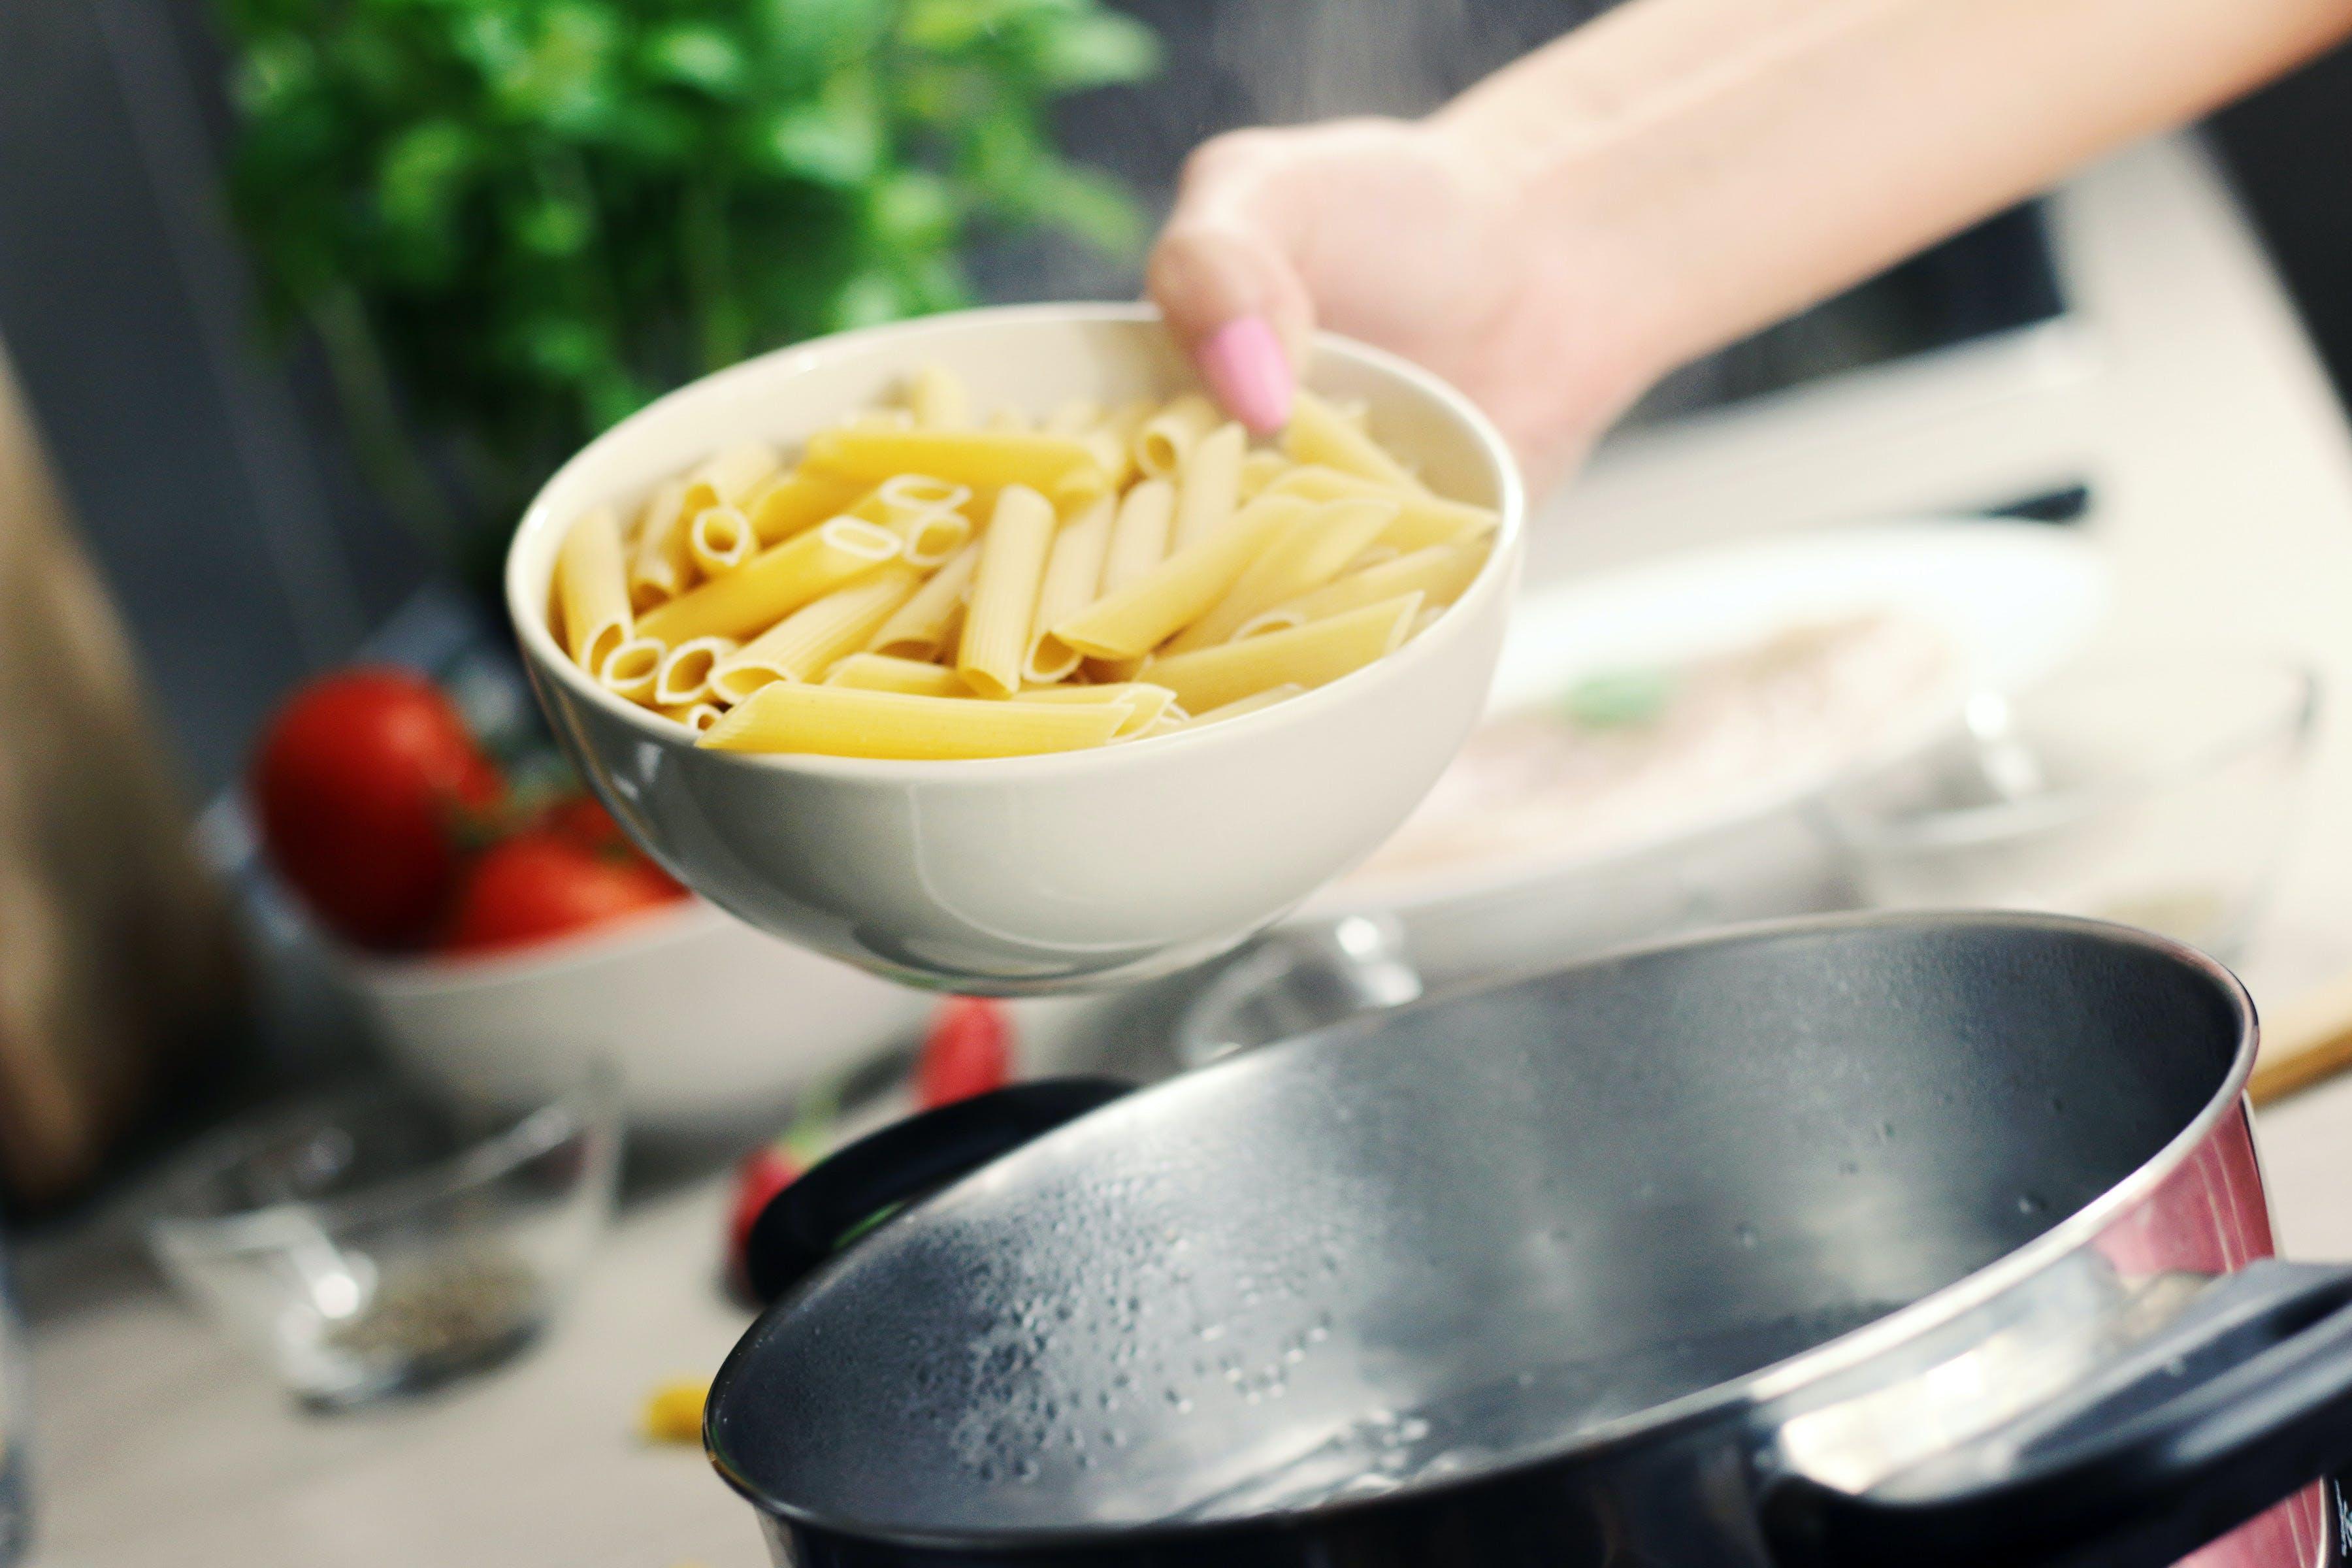 Gratis stockfoto met bloempot, eten, italiaans eten, keuken